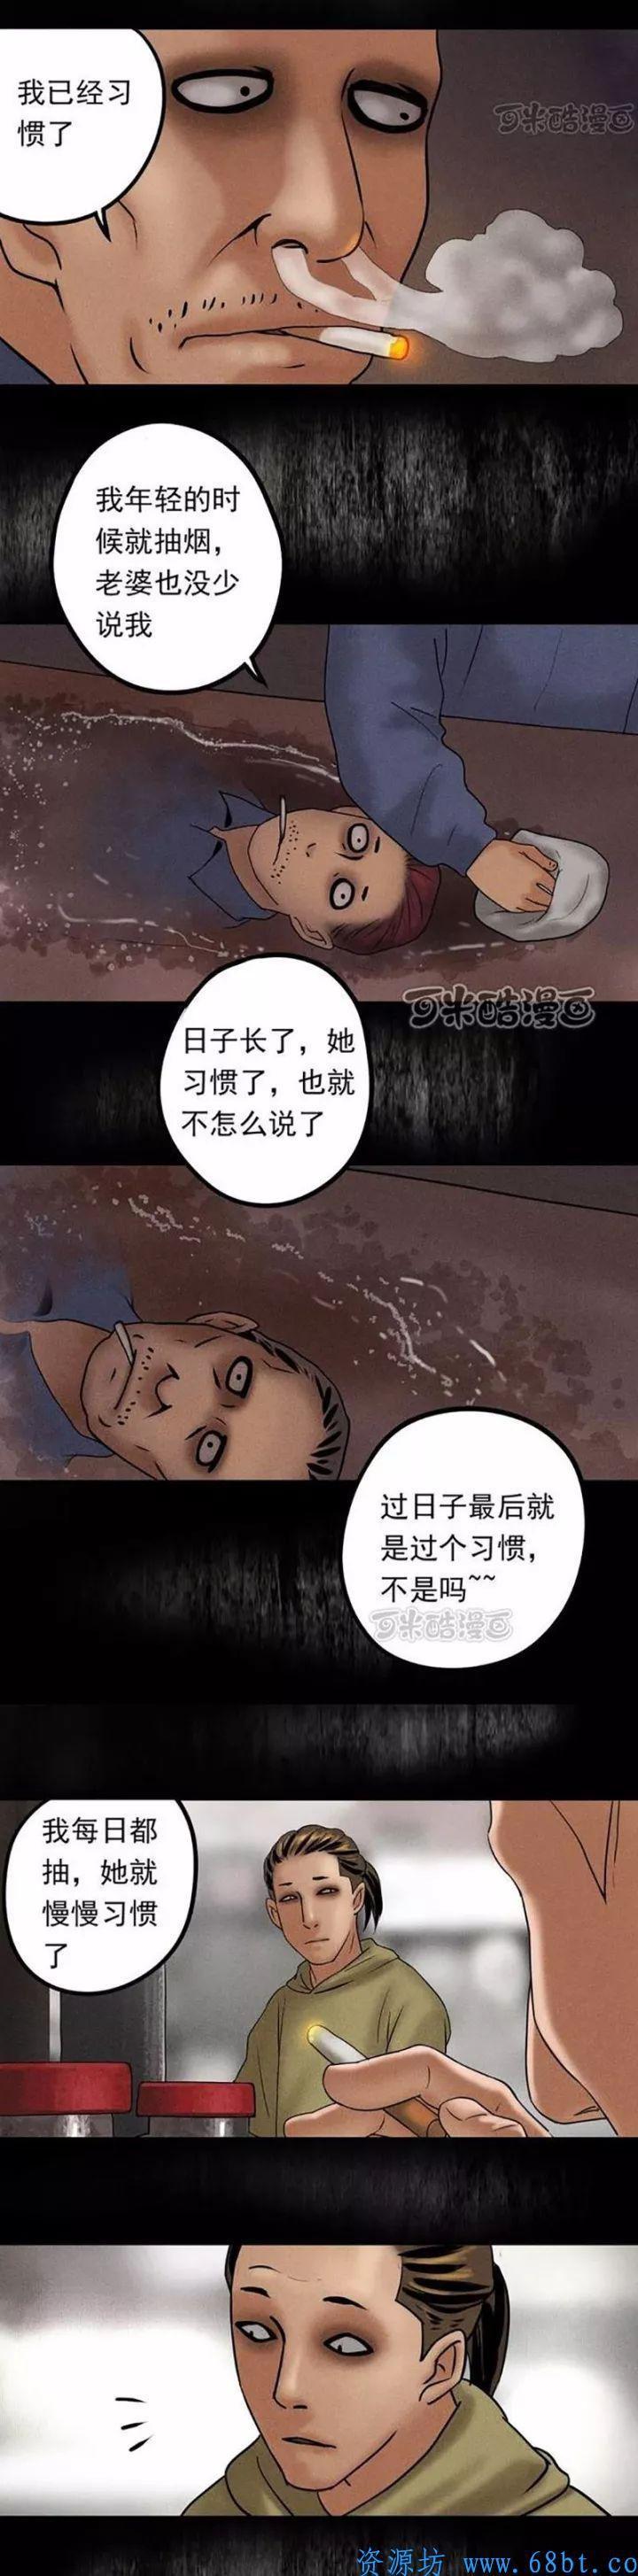 [恐怖漫画] 城,恐怖漫画,第5张